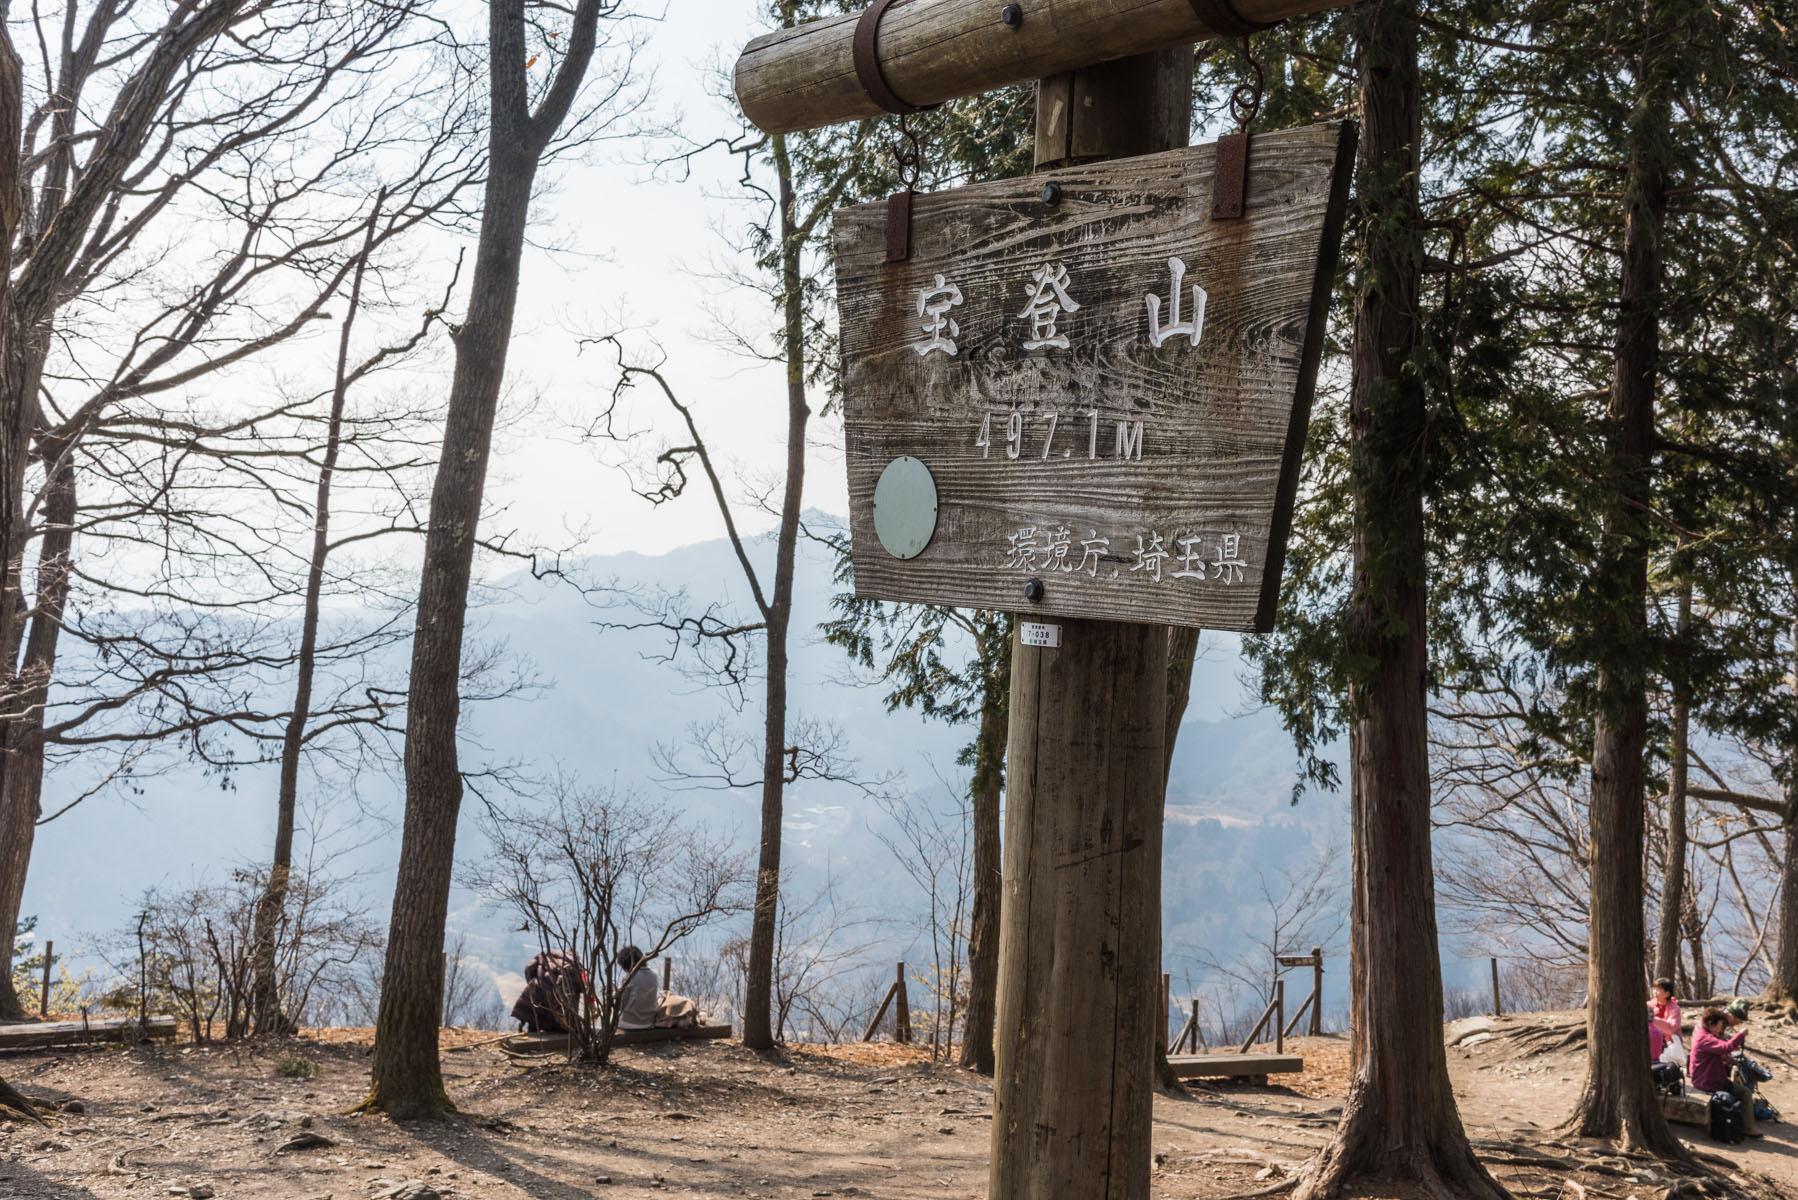 宝登山の臘梅(ロウバイ) 長瀞町宝登山ロウバイ園